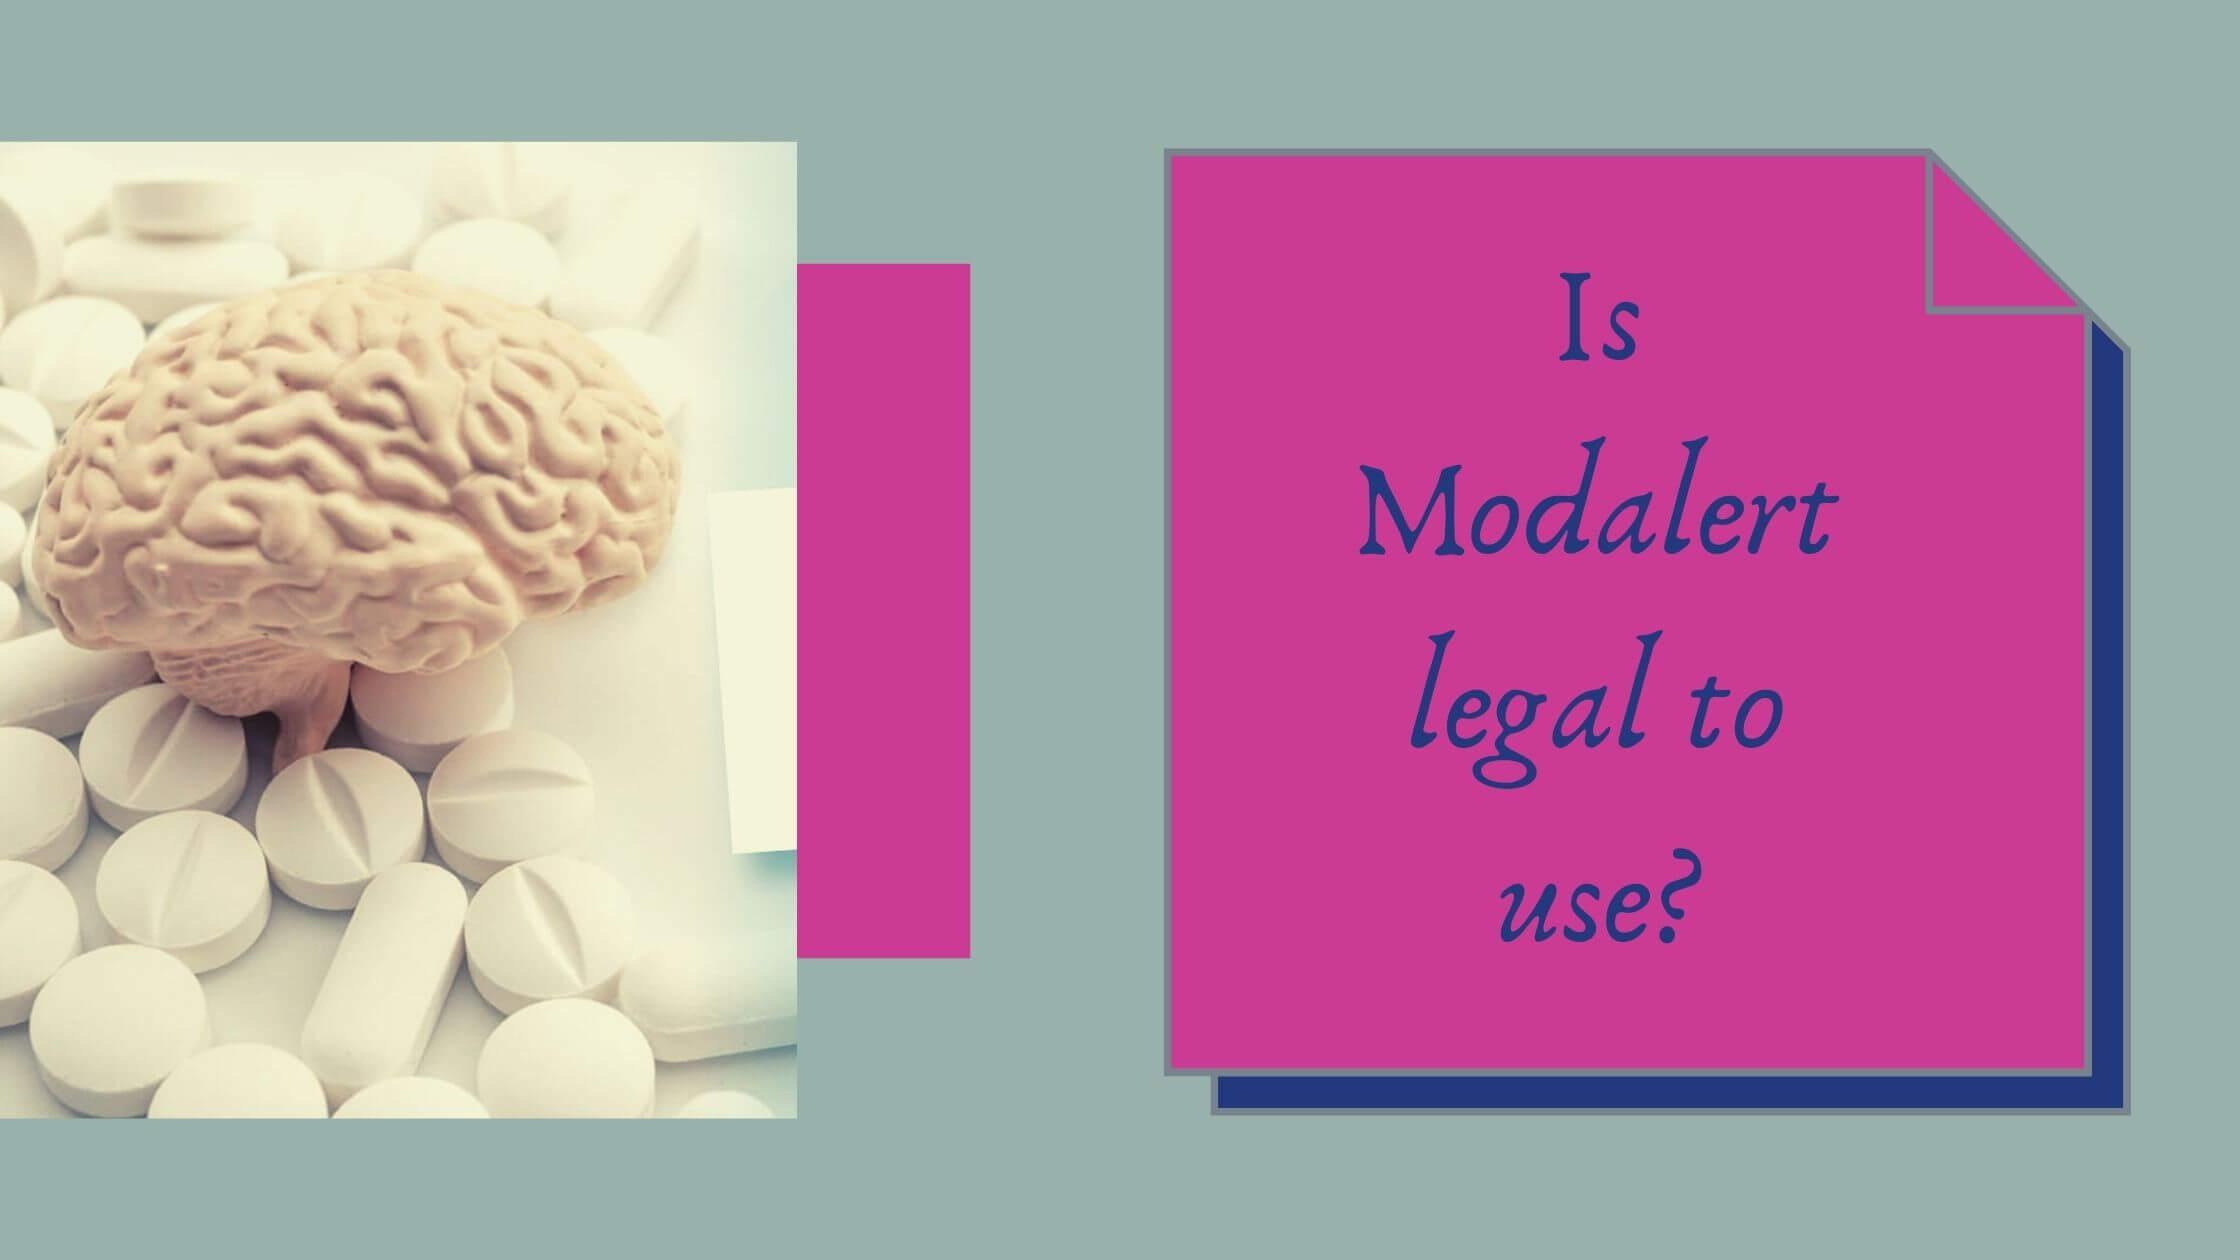 modalert legal